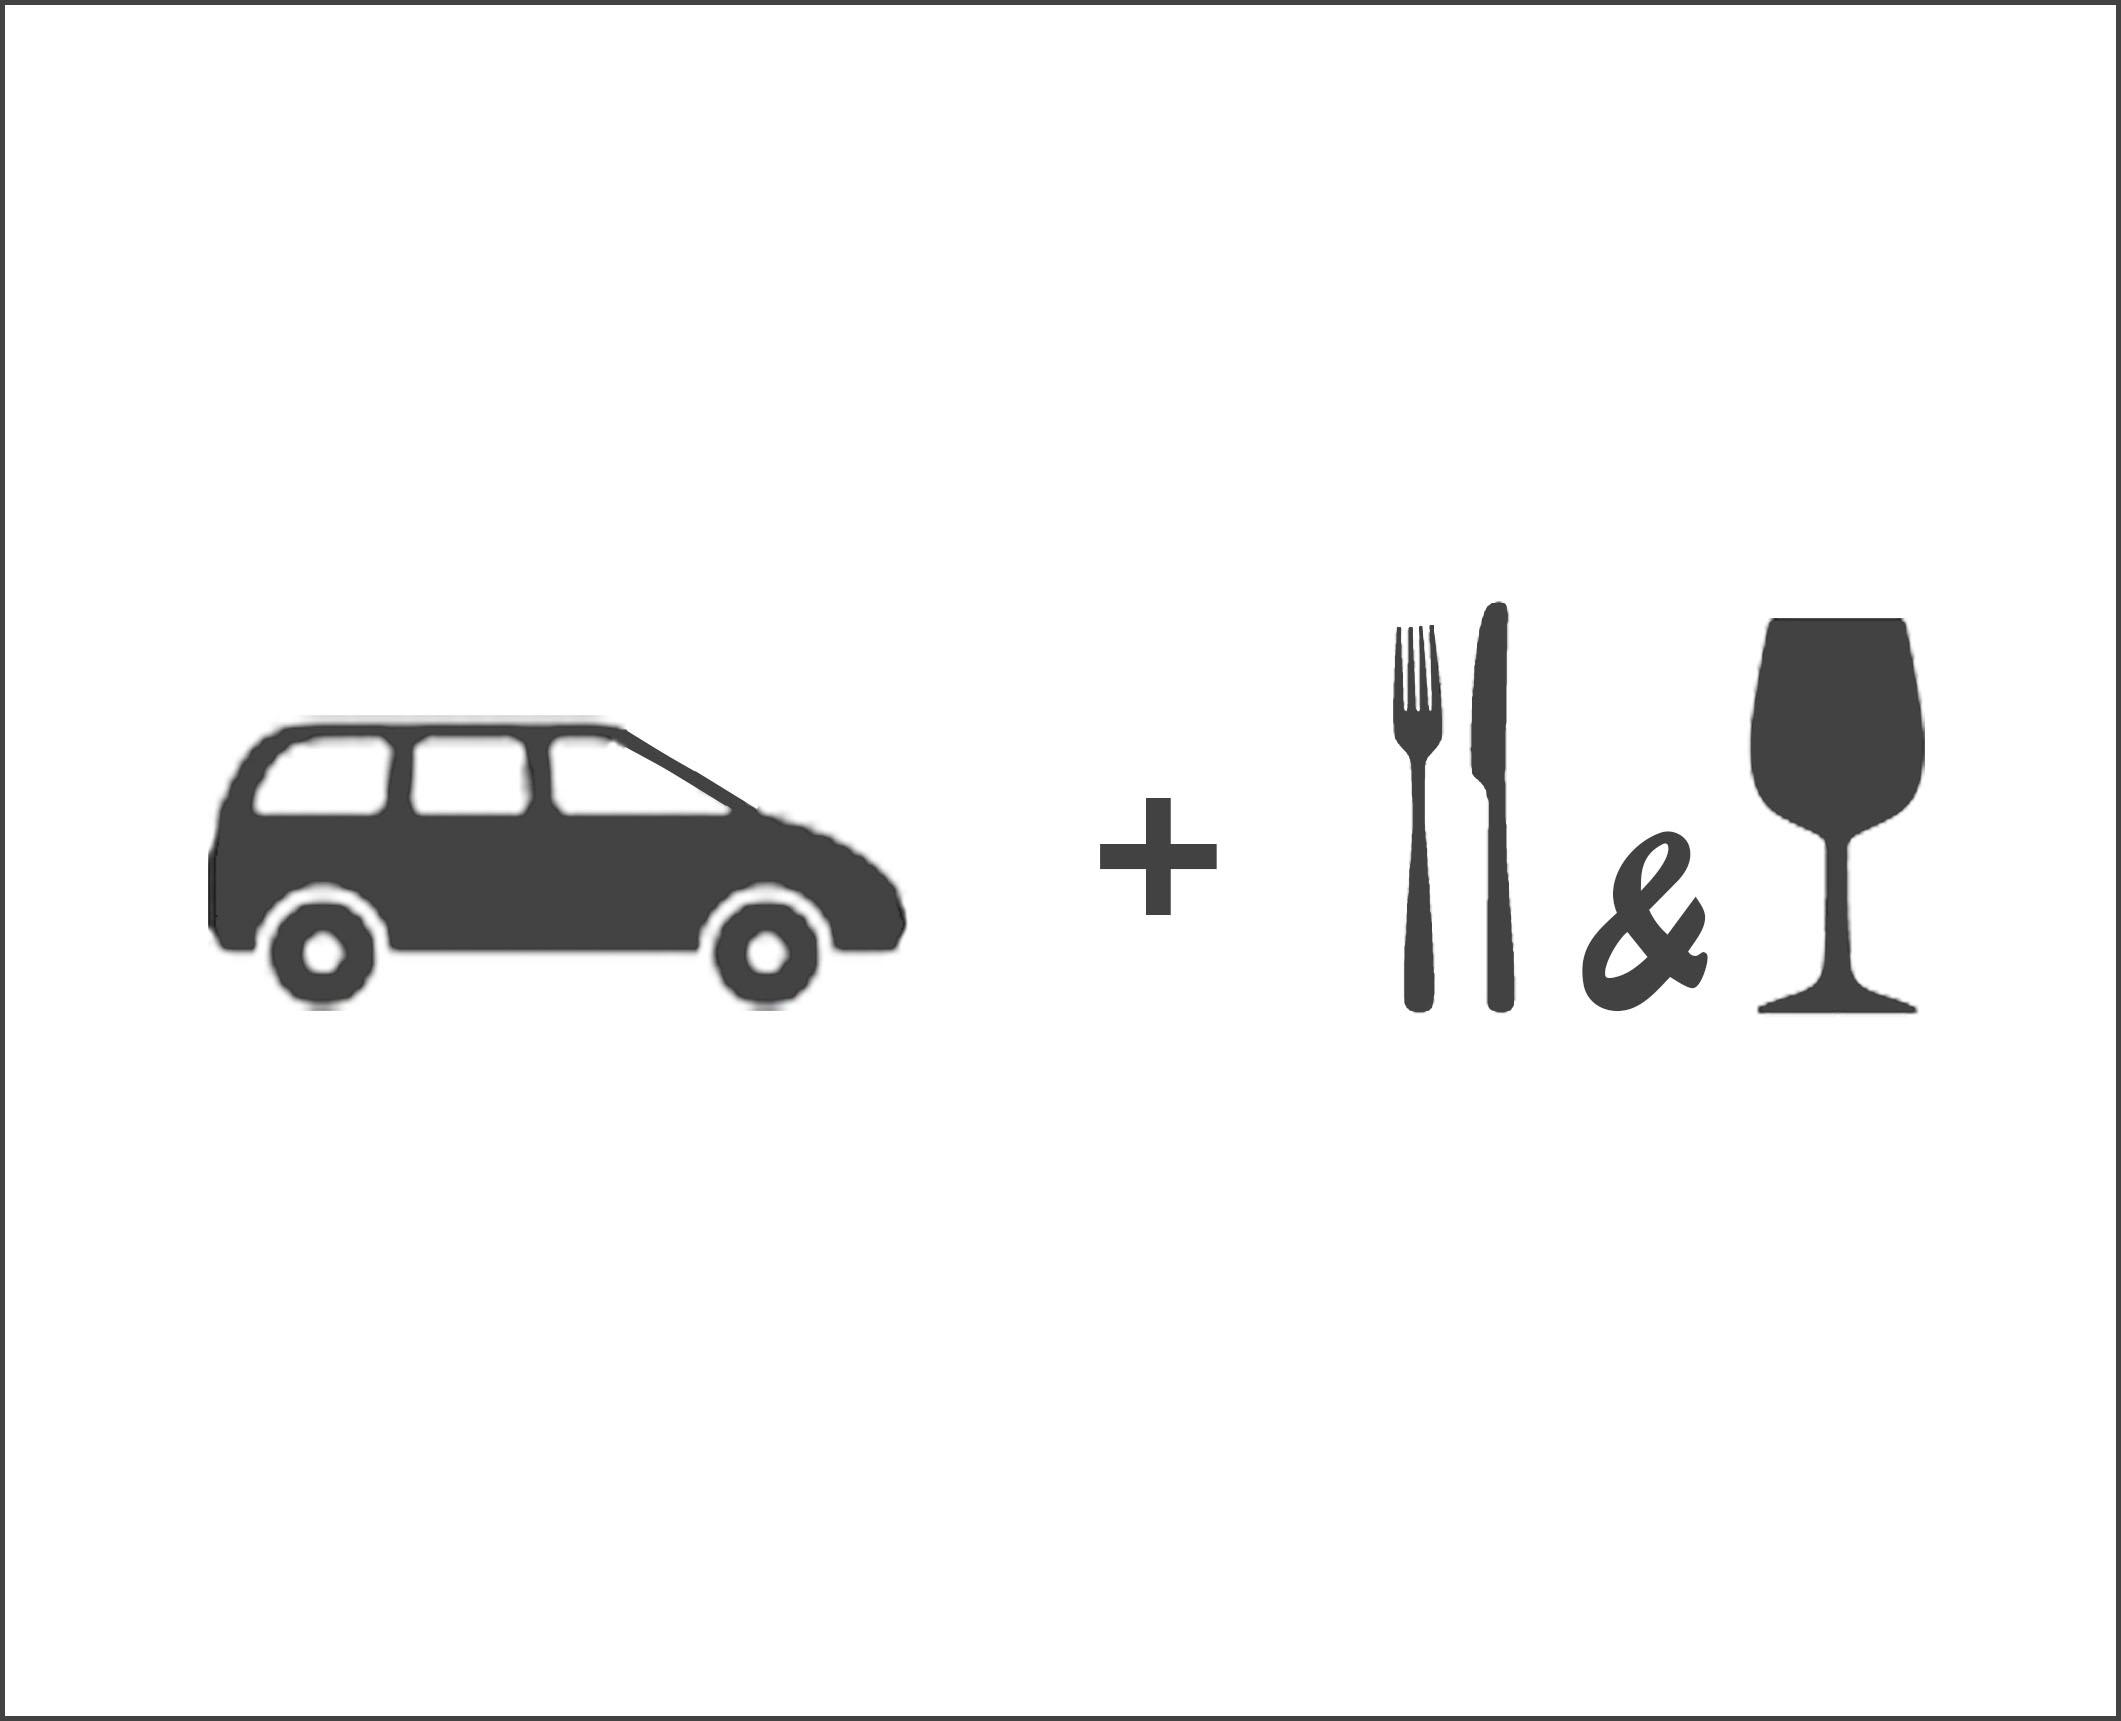 DEAL ULYSSE + FOOD&WINE.jpg